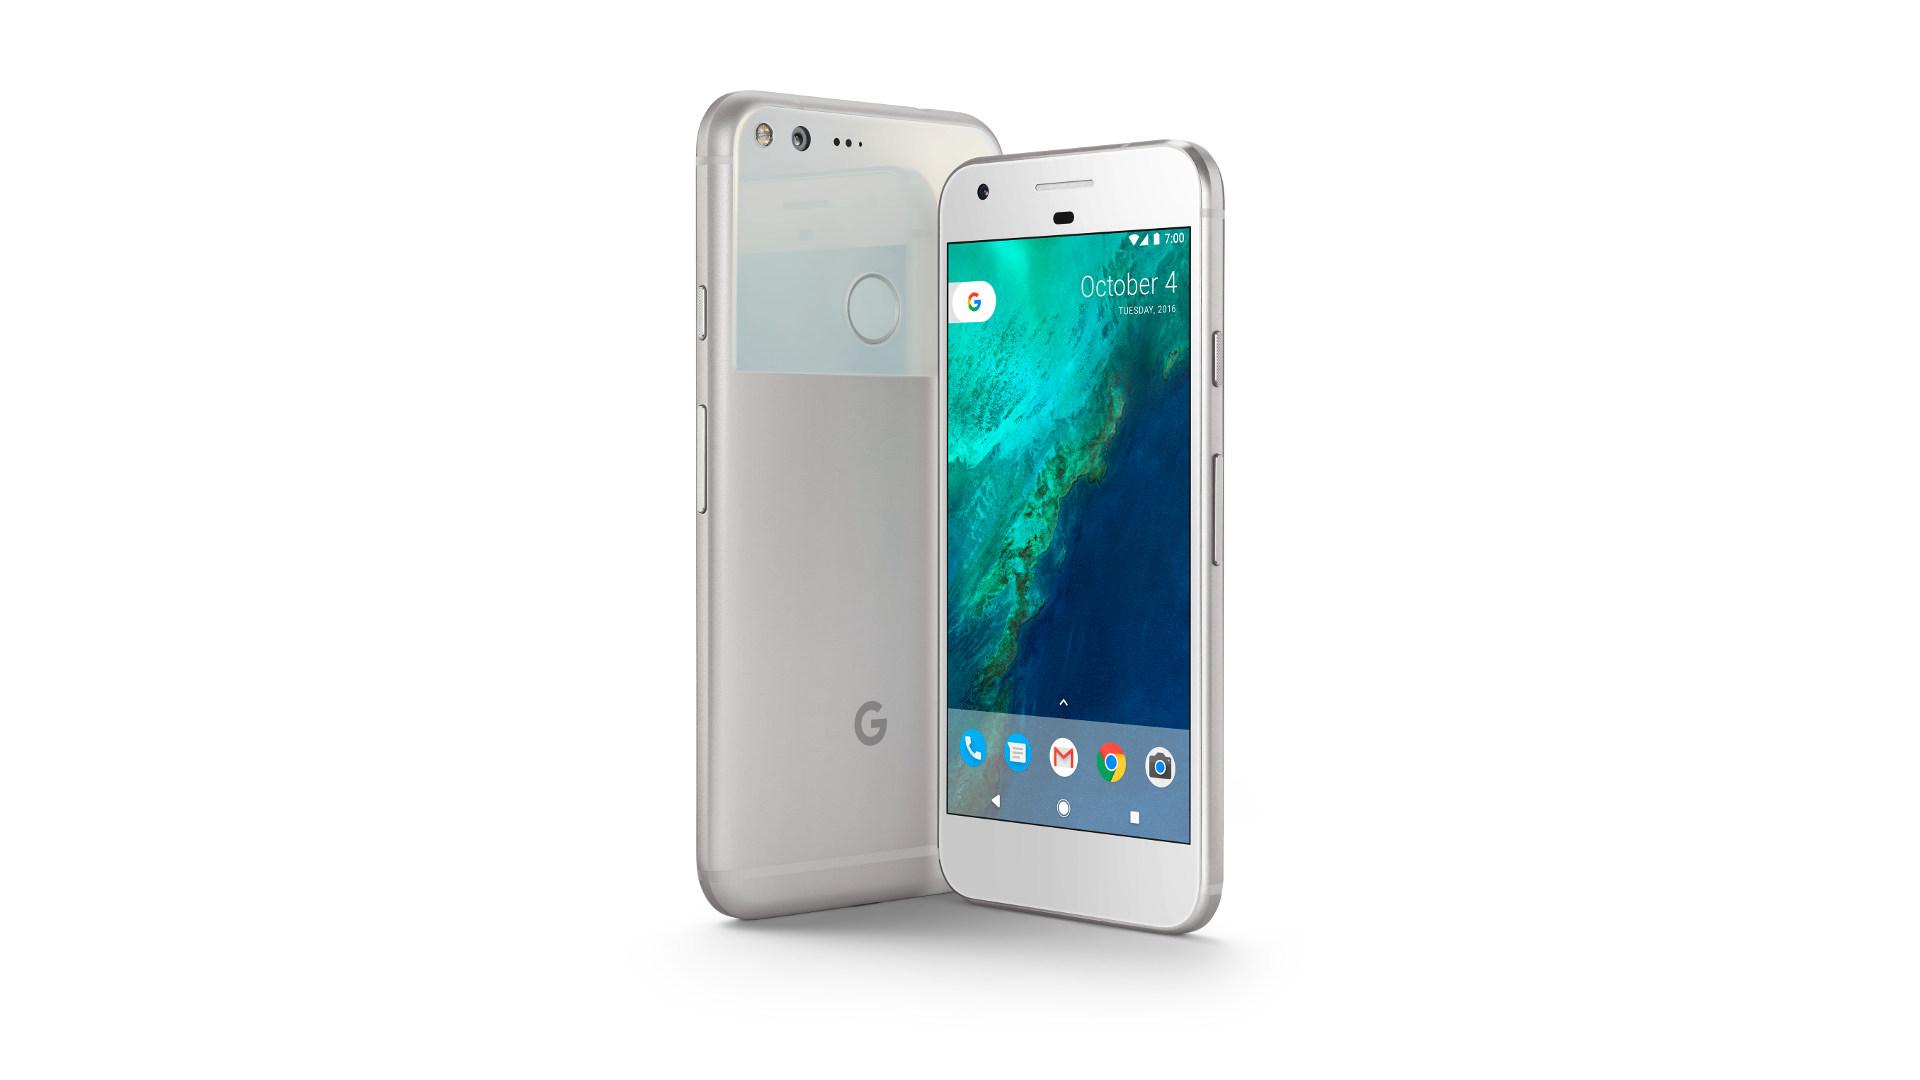 google pixel xl 1 - Tổng hợp 5 ứng dụng hay và miễn phí trên Android ngày 09.4.2017